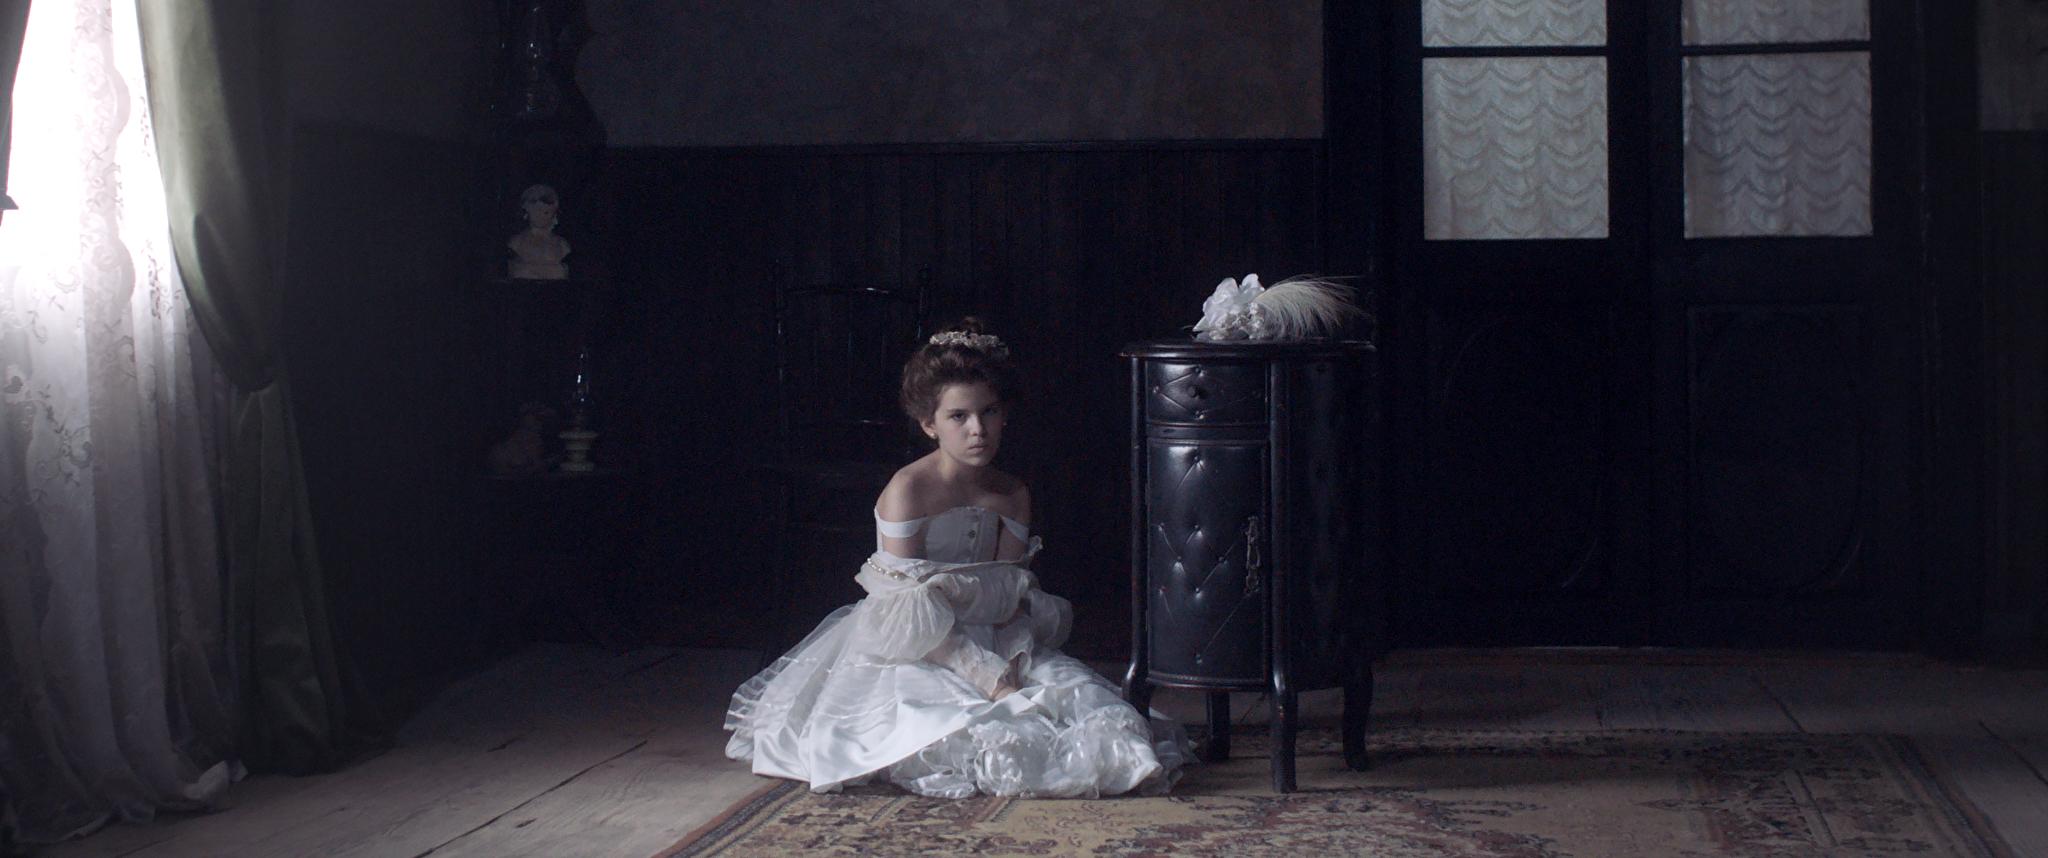 blanco-en-blanco-de-theo-court-e-o-filme-da-mostra-ibero-americana-em-exibicao-nesta-quarta-09-no-30-cine-ceara